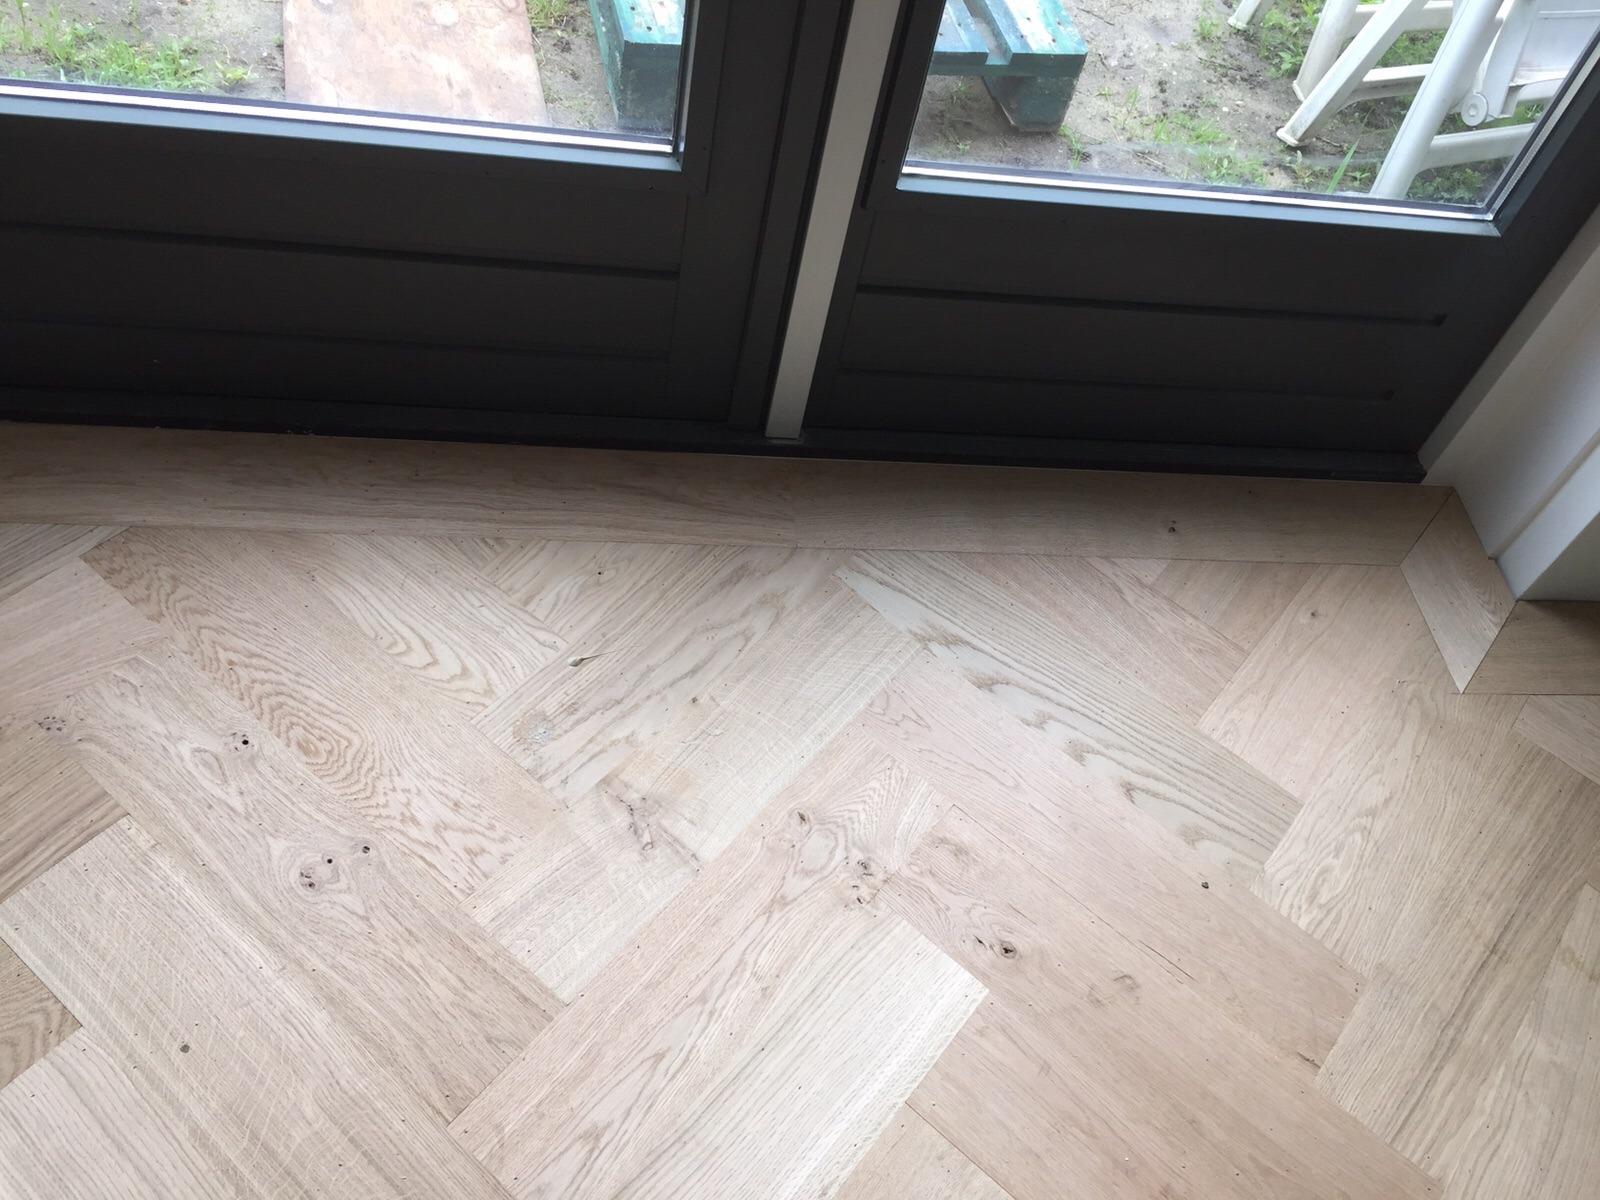 Pvc Vloeren Veenendaal : Visgraat vloer veenendaal visgraatvloer